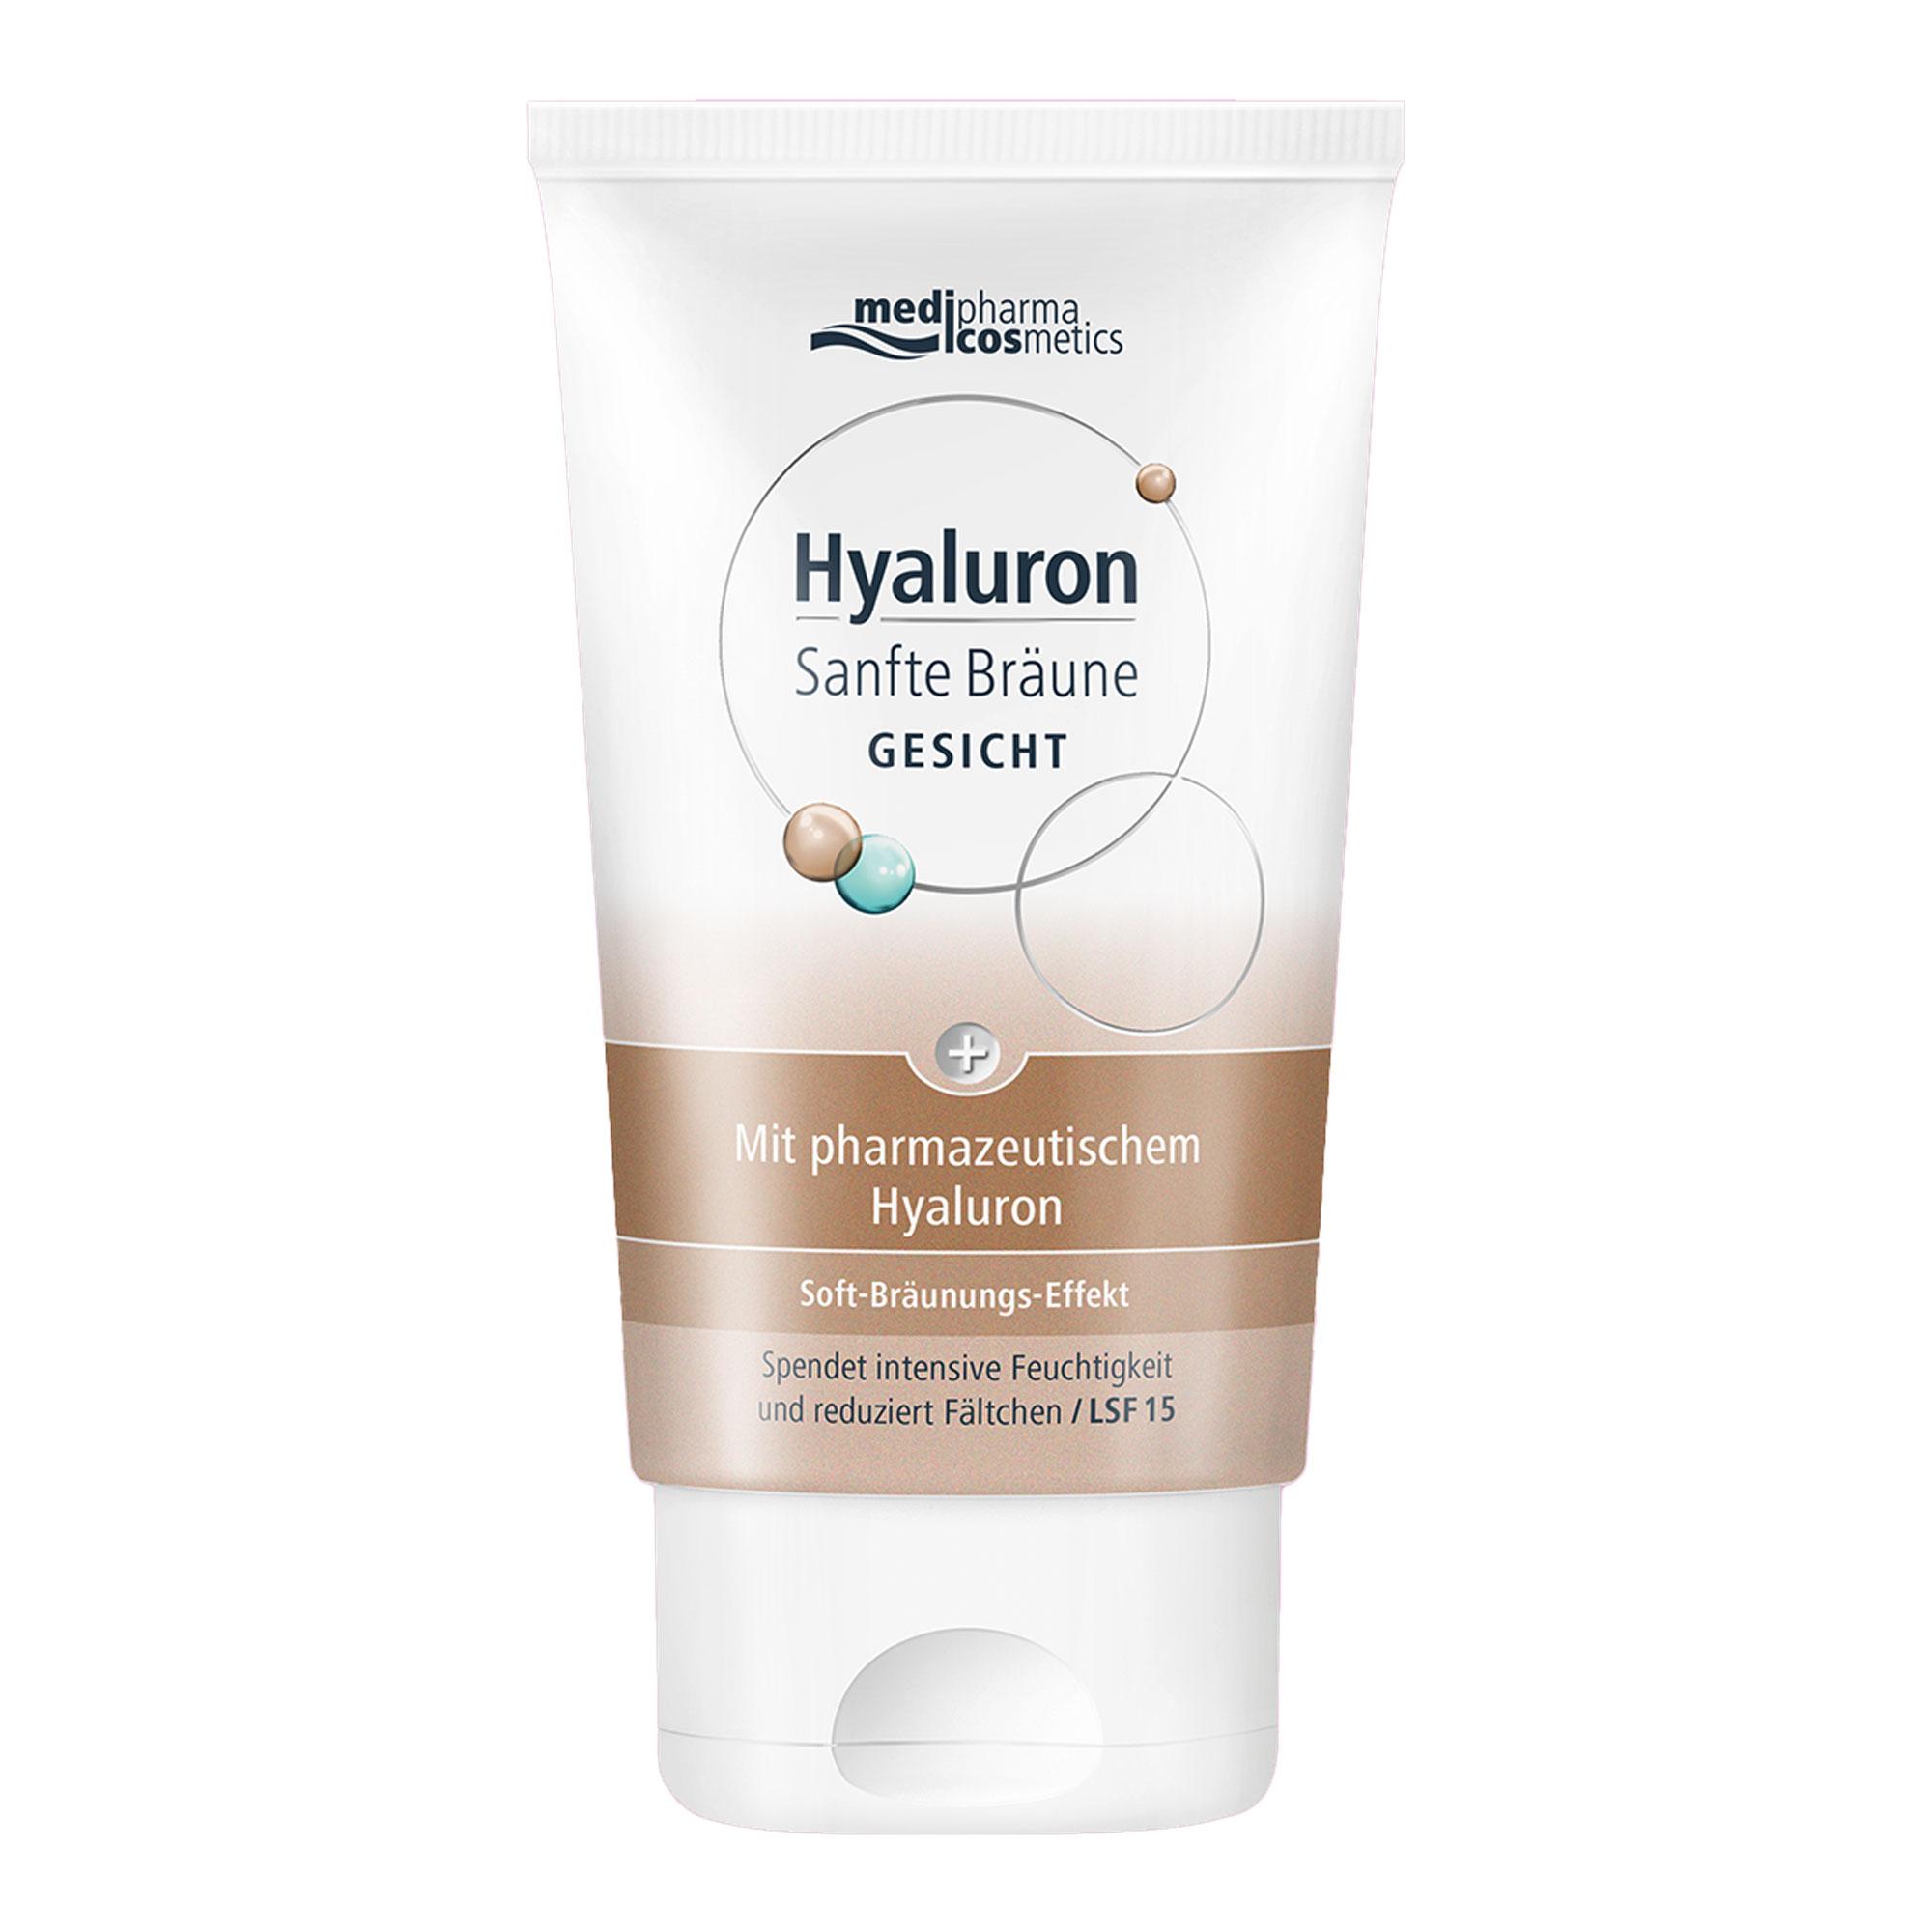 Hyaluron Sanfte Bräune Gesichtspflege